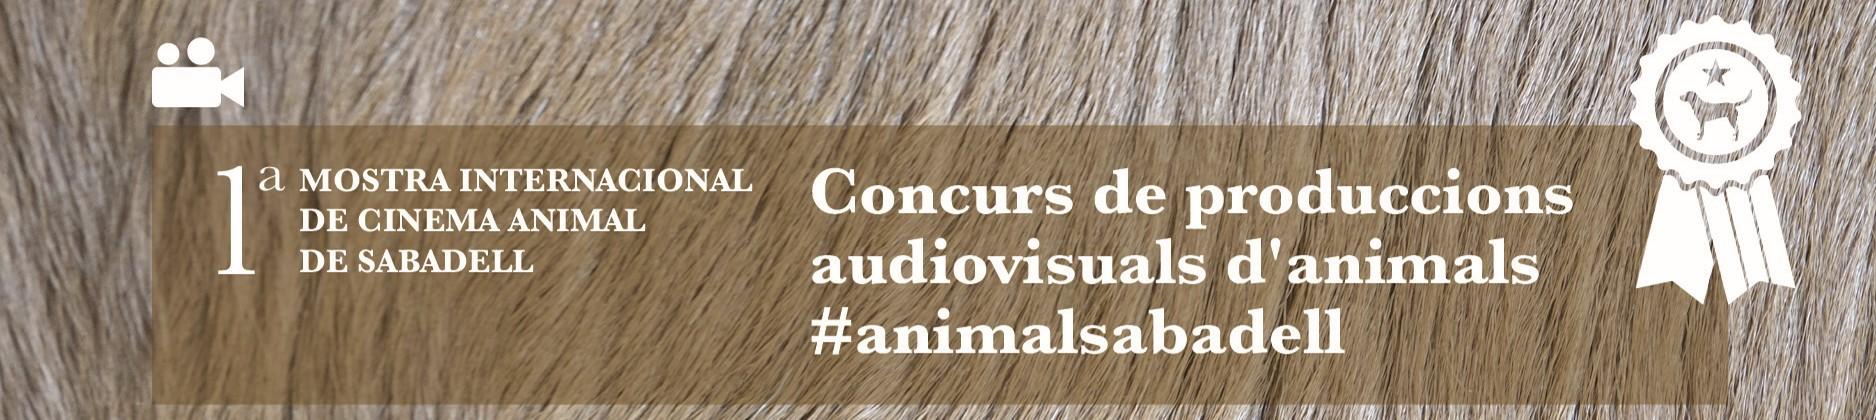 Una cinquantena de produccions audiovisuals s'han presentat a la I Mostra Internacional de Cinema Animal #AnimalSabadell